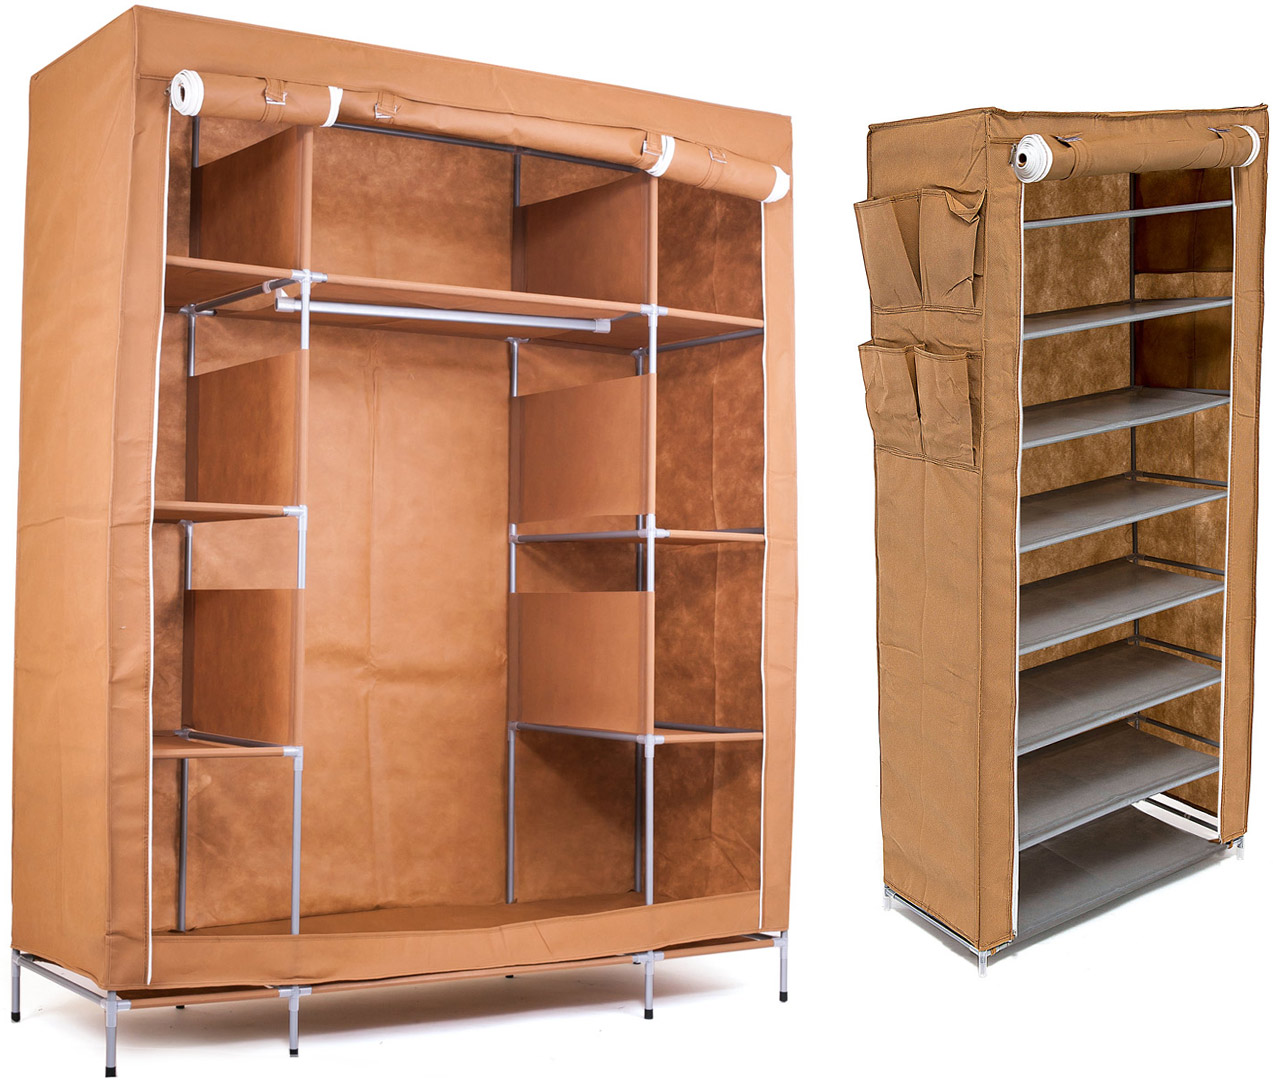 Набор кофров для хранения Homsu, цвет: коричневый, 2 шт12723Уникальный дизайн этого комплекта станет настоящим украшением для любого интерьера. Практичная составляющая подобной мебели также вне сомнений. Лёгкие и прочные устойчивые конструкции из каркасов и тканевой обивки могут быть легко собраны вами без посторонней помощи, буквально за несколько минут.Такая мебель будет всегда удобной и максимально практичной, ведь верхнюю тканевую часть при надобности можно всегда постирать либо же попросту поменять на аналогичную другого цвета. Кроме того, такие конструкции всегда будут отличным решением для того, кому по душе мобильность и постоянная смена обстановки. 1400х500х1750; 600х300х1360